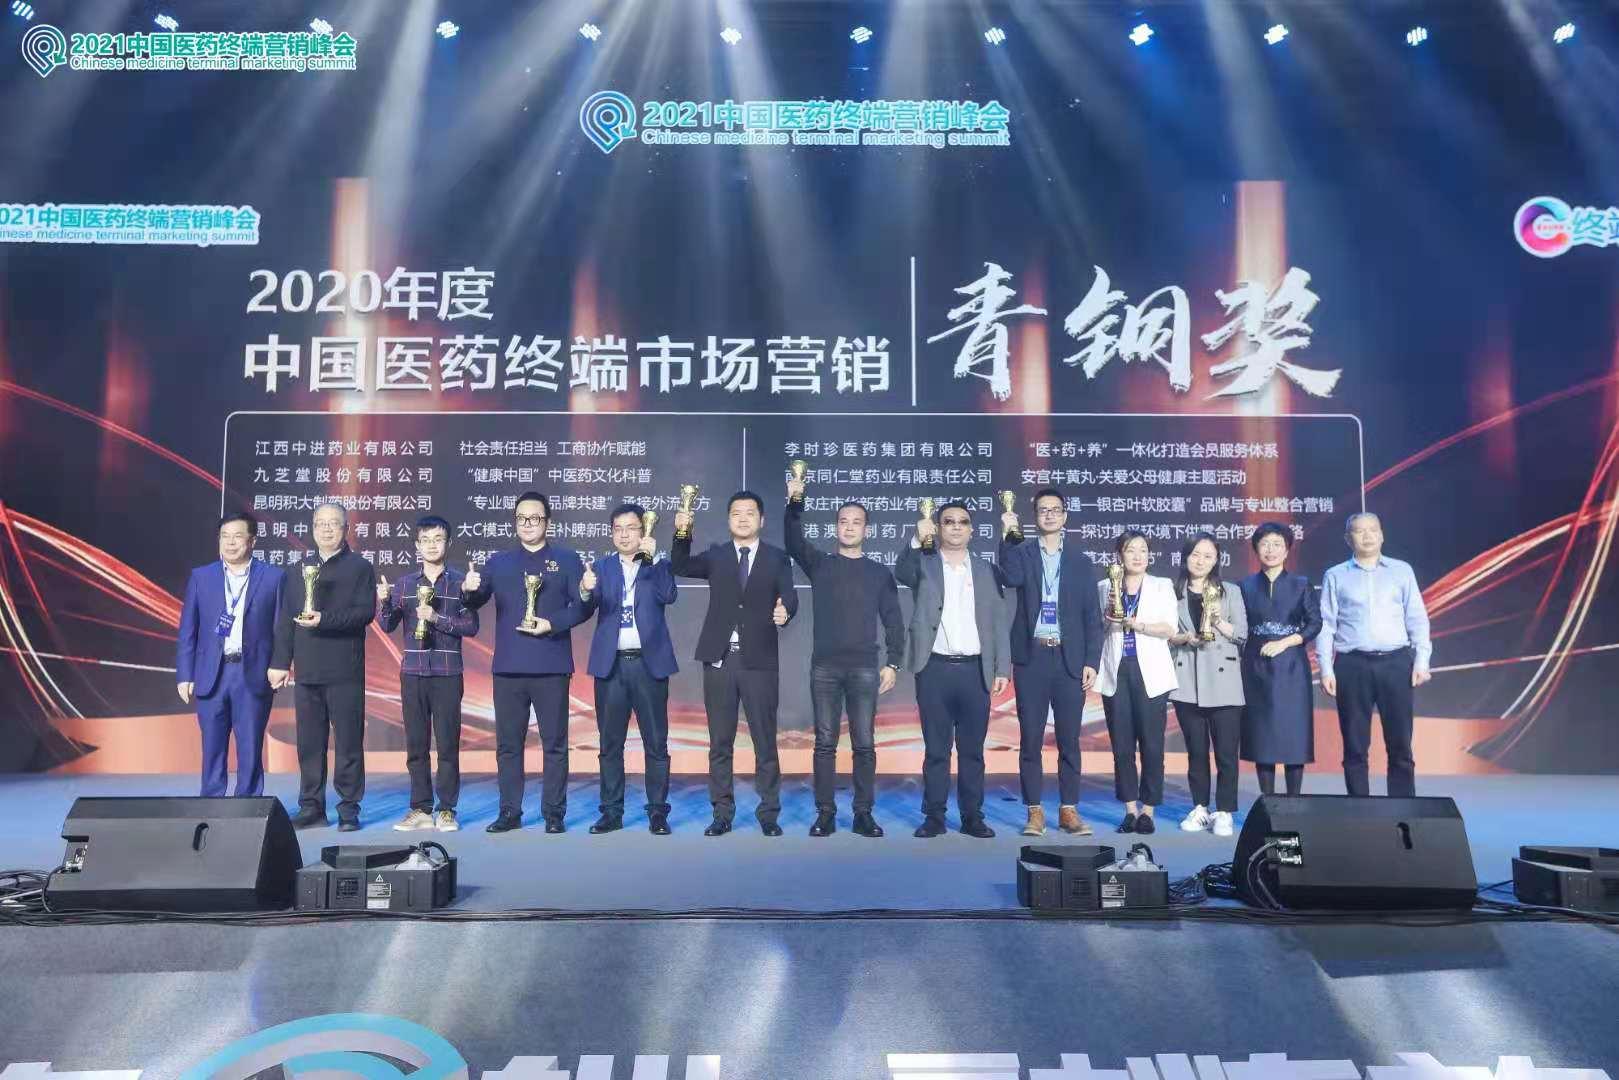 九芝堂全面参与2021中国医药终端营销峰会